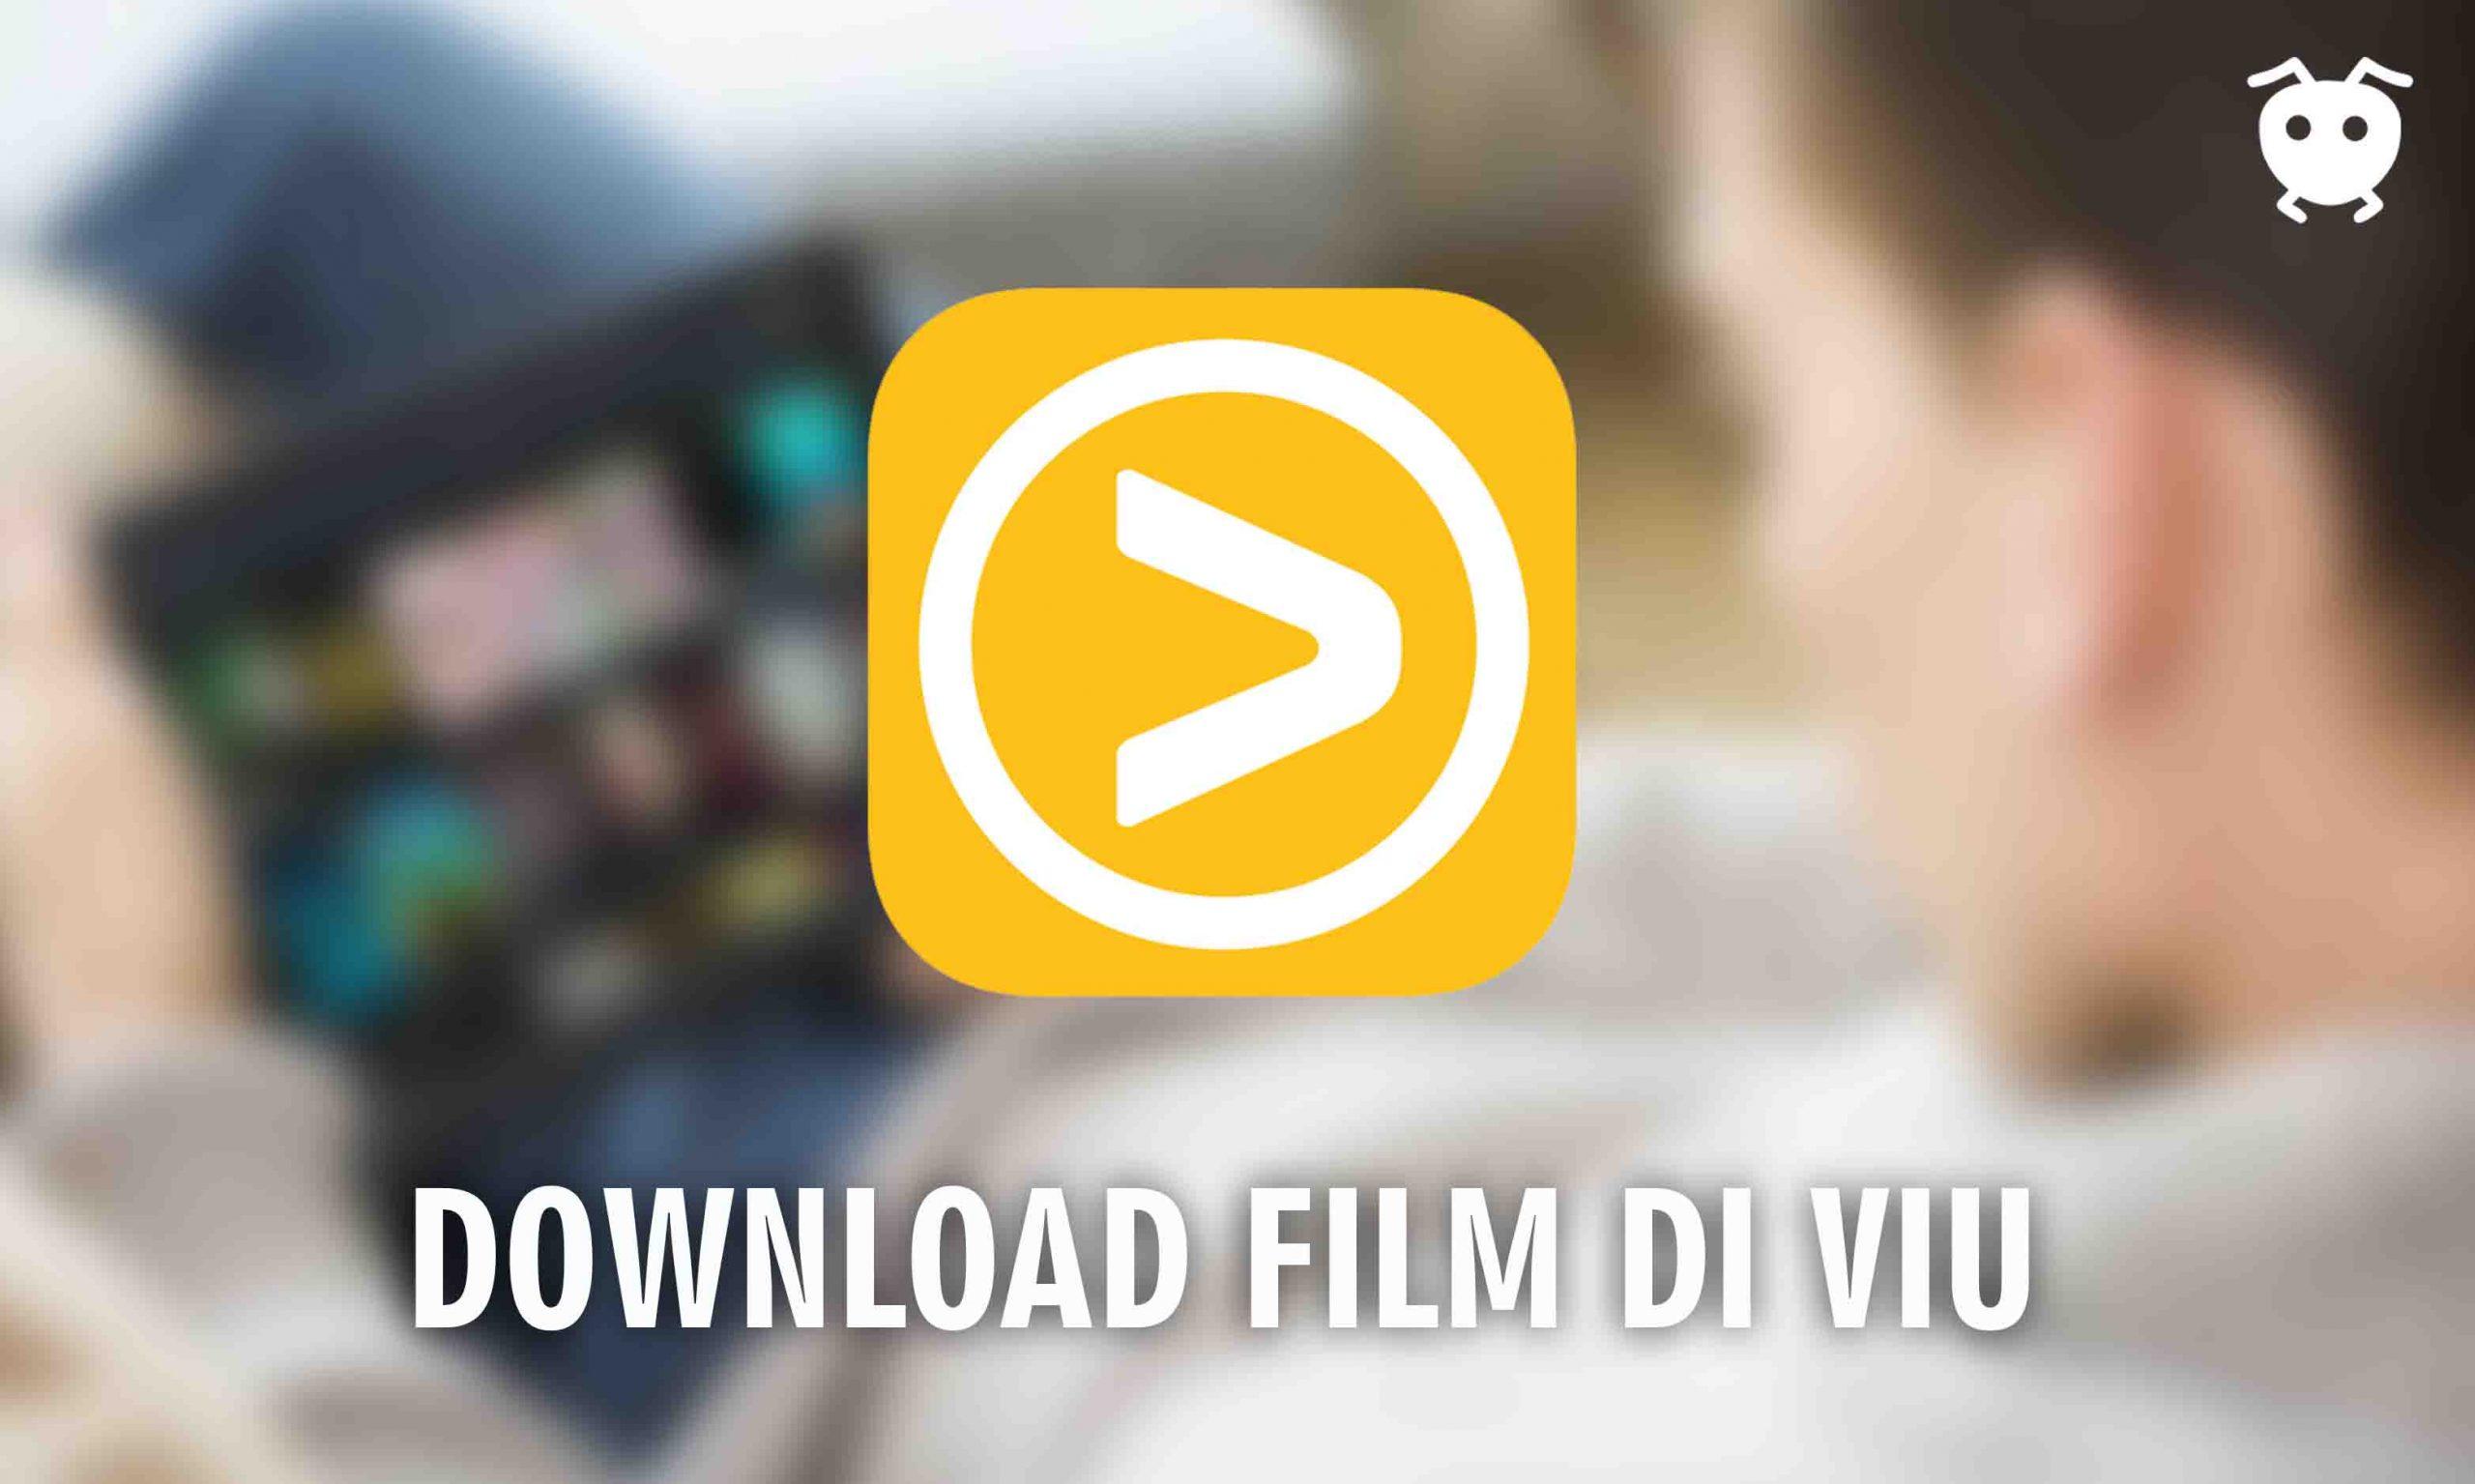 Download Film di Viu